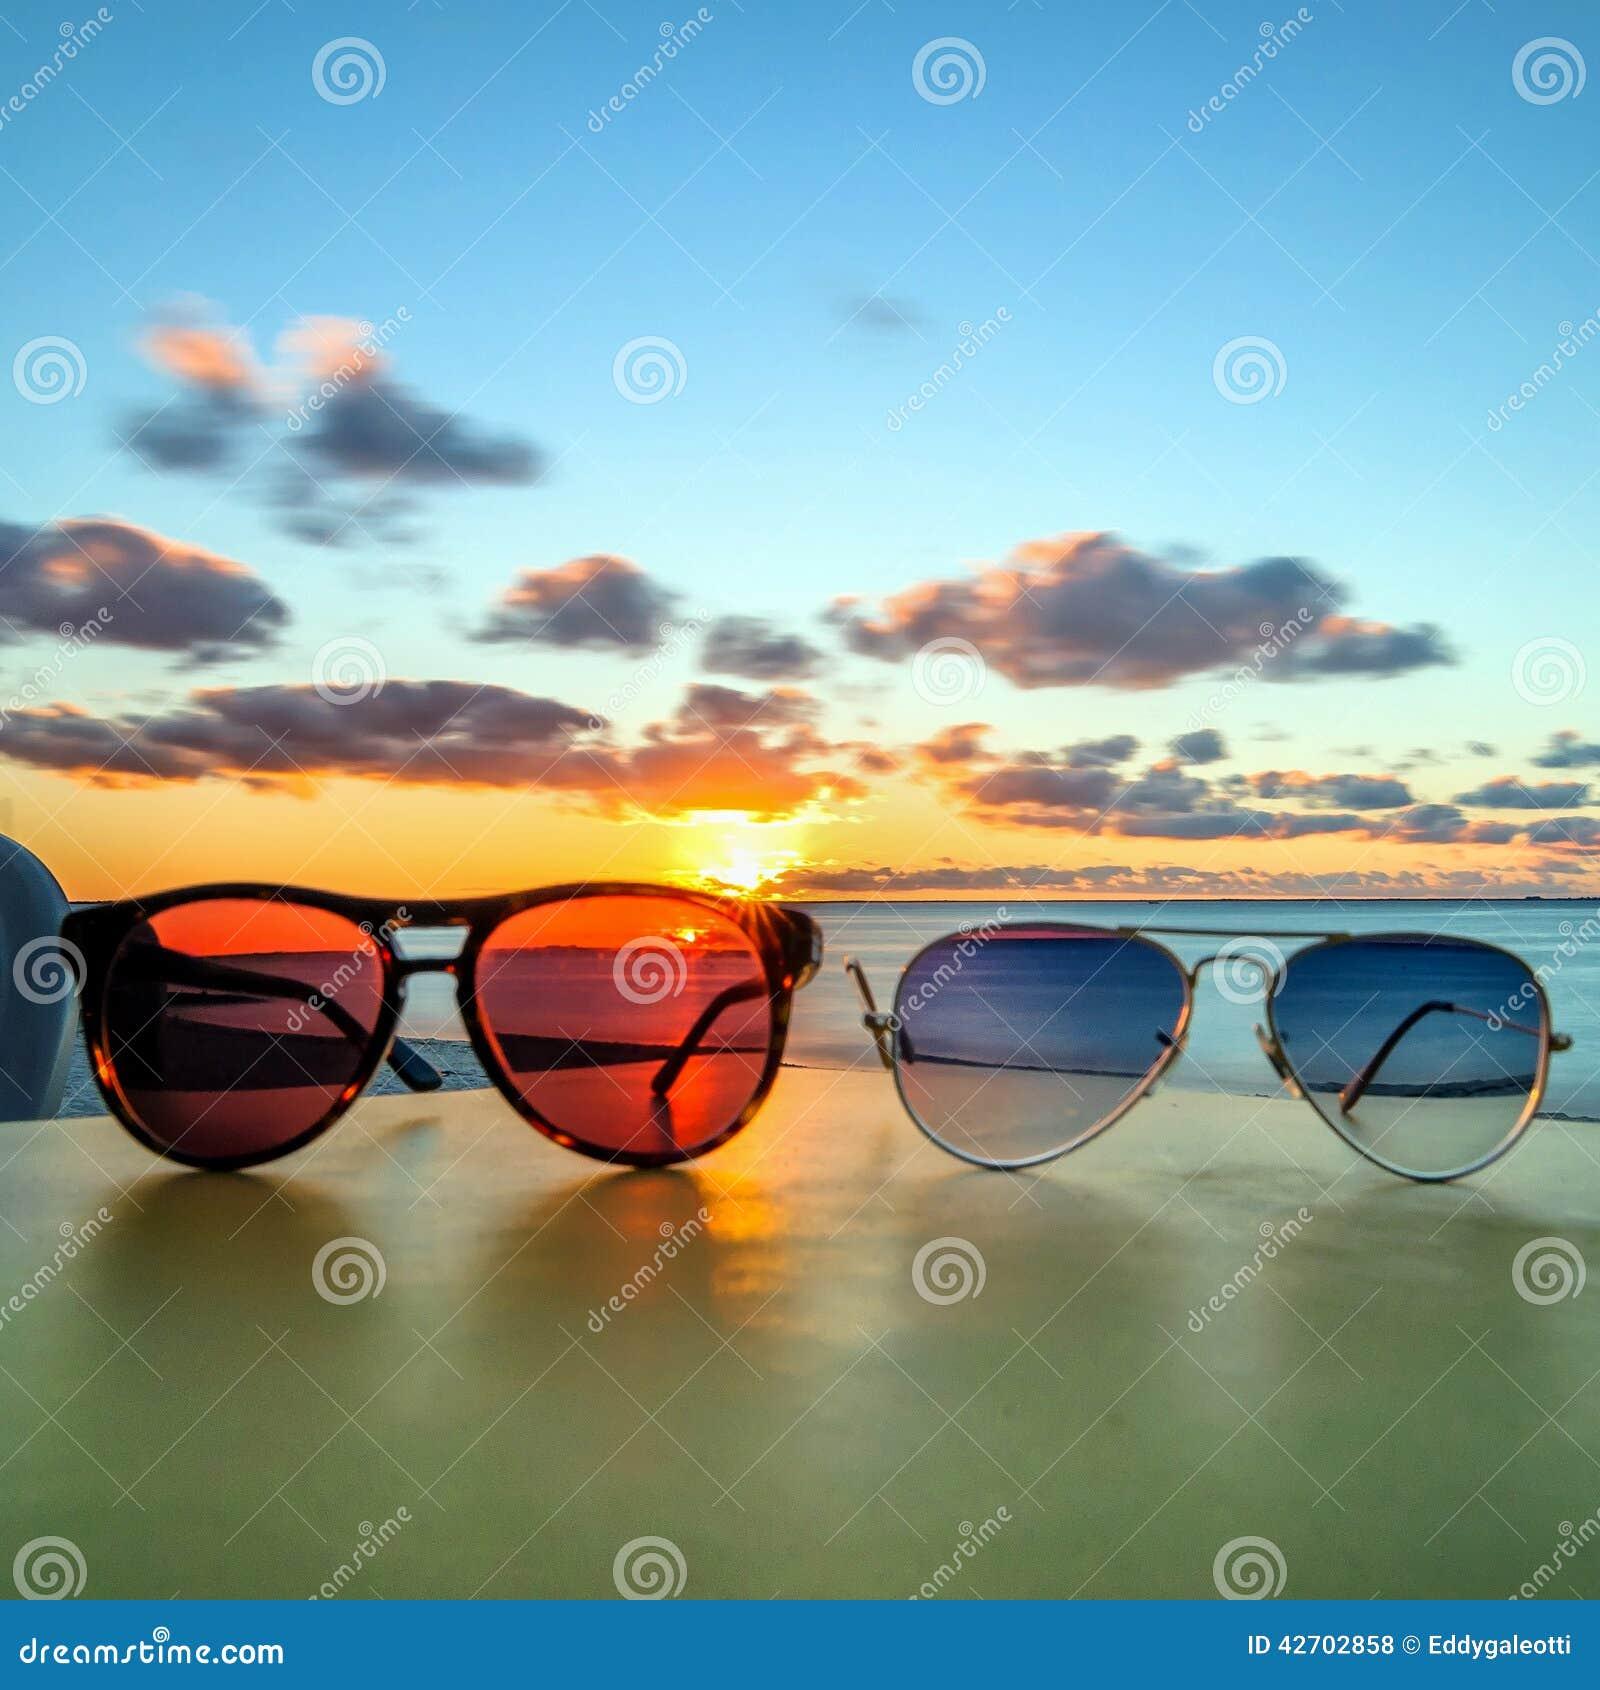 Sonnenbrille auf tropischer Strandtabelle bei Sonnenuntergang